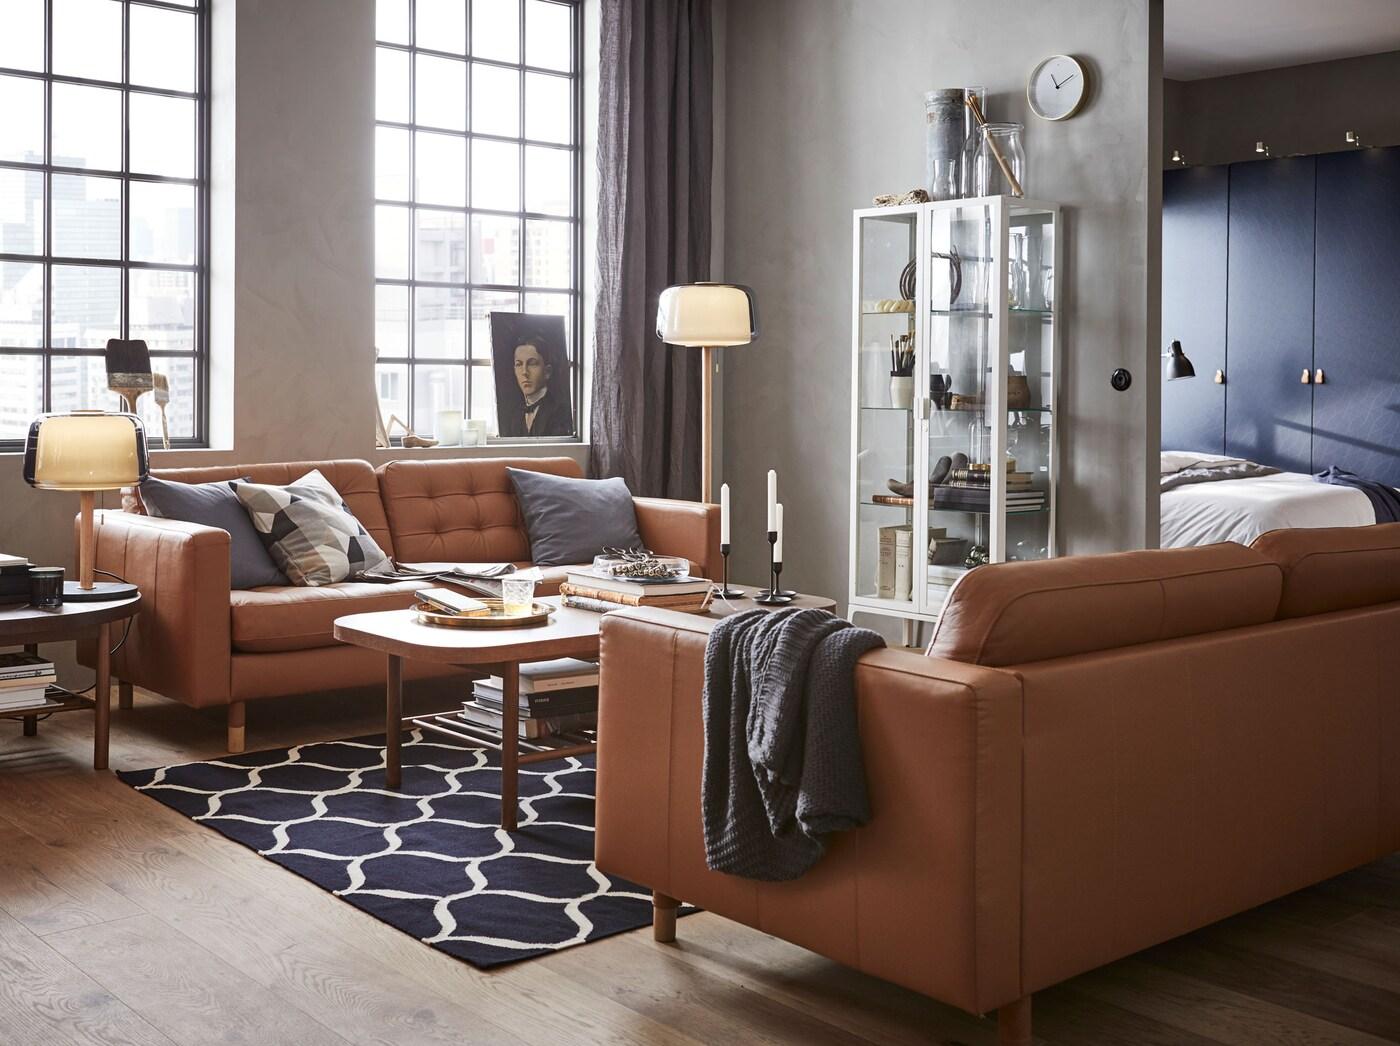 Luo moderni ja ilmava olohuone, jossa on IKEA MILSBO vitriinikaappi, tyylikäs ruskea tai konjakinvärinen LANDSKRONA nahkasohva ja tummasta puusta tehdyt LISTERBY sohvapöydät.